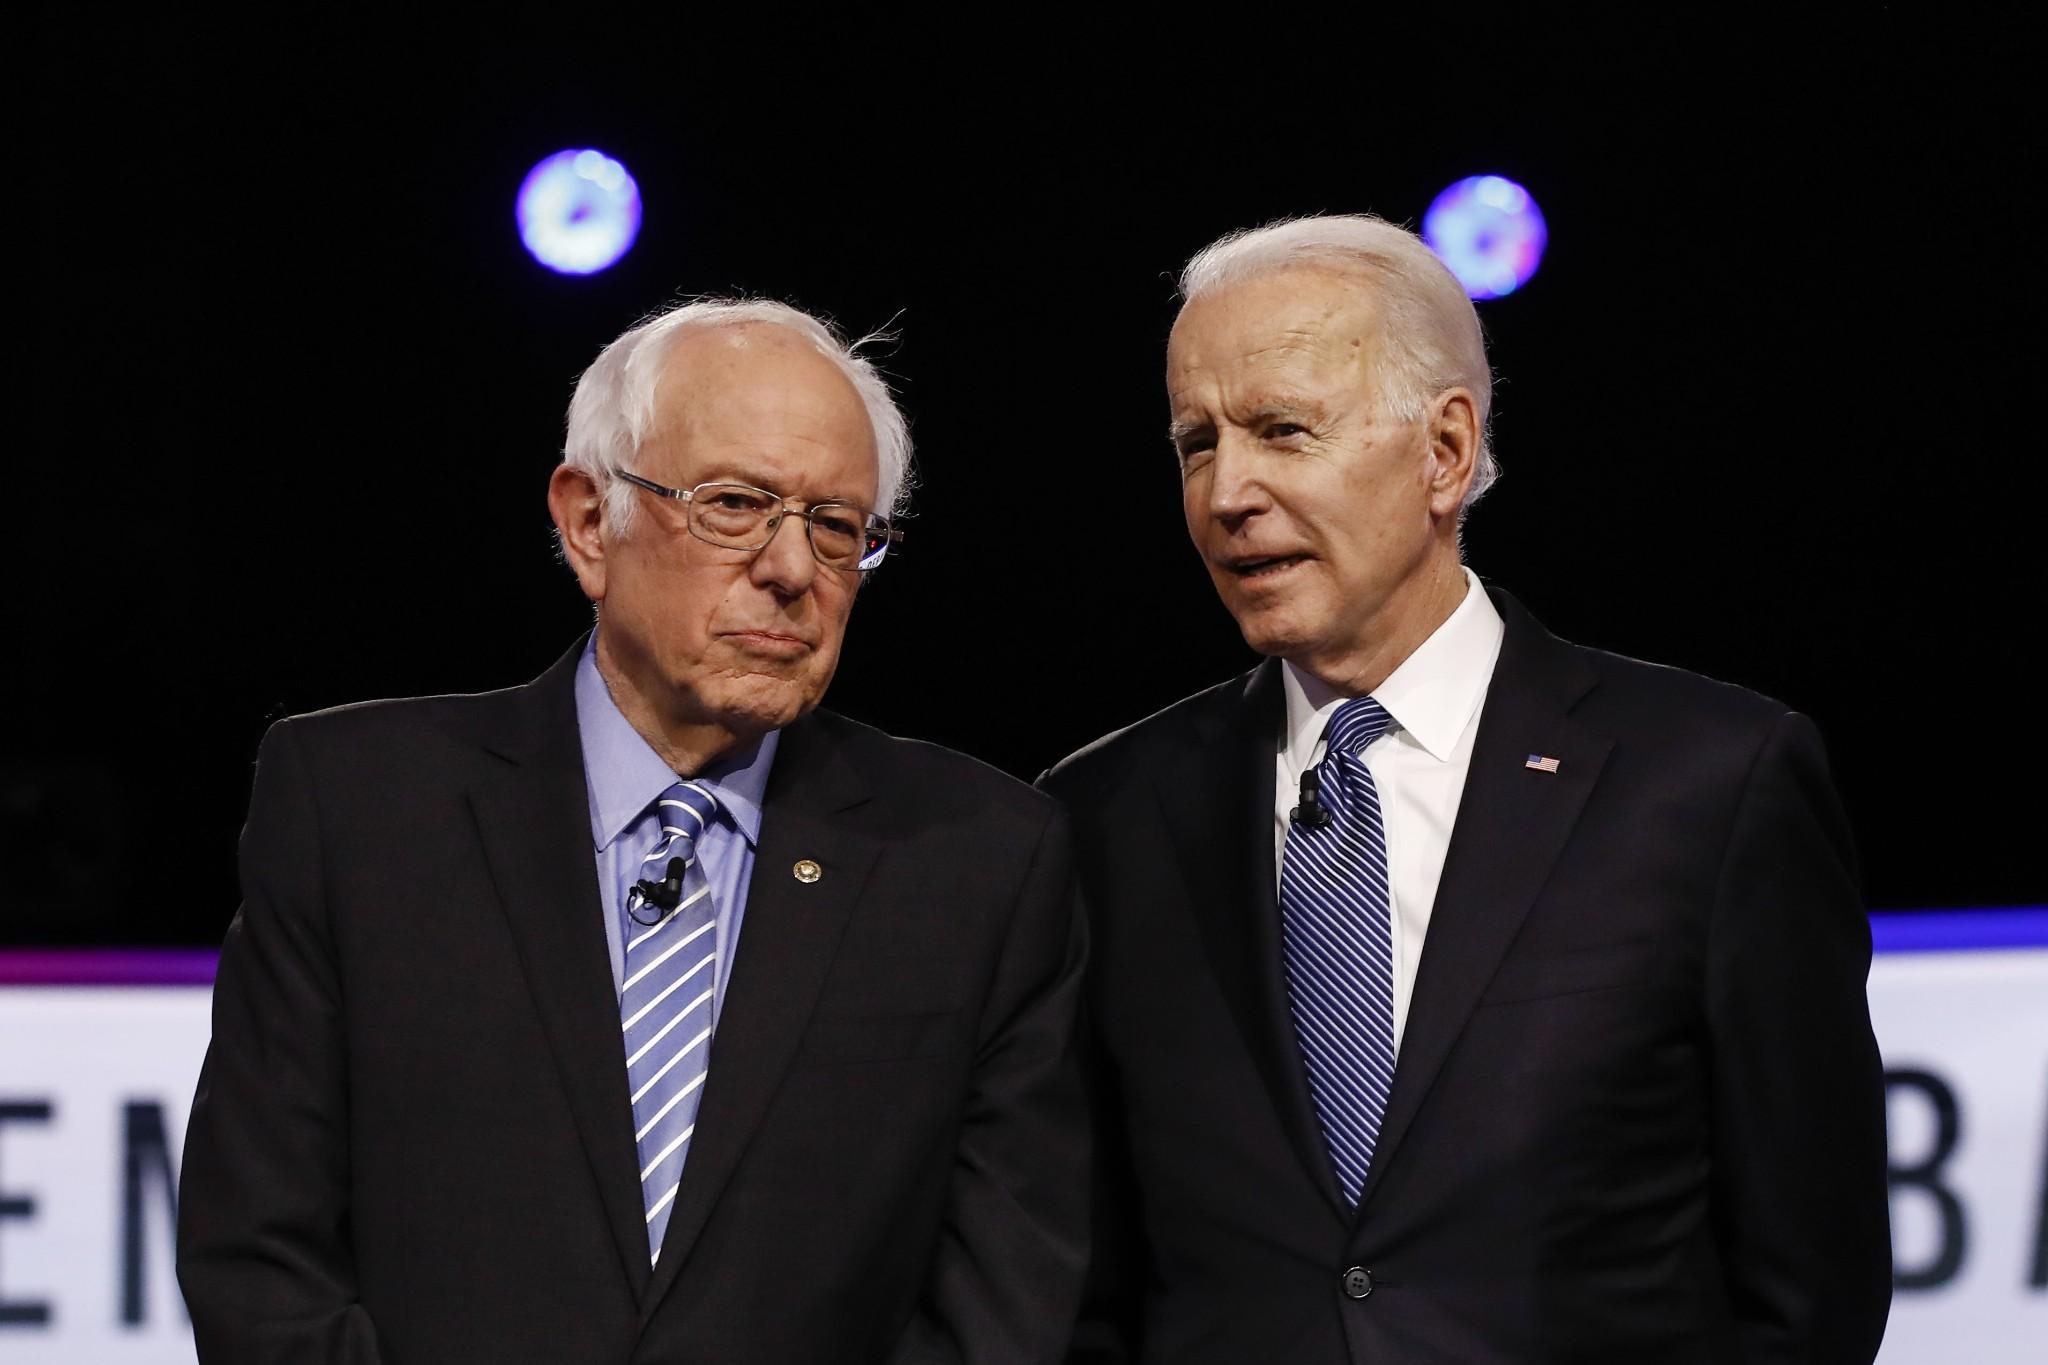 Biden and Sanders Debate Coronavirus Before Next Primaries